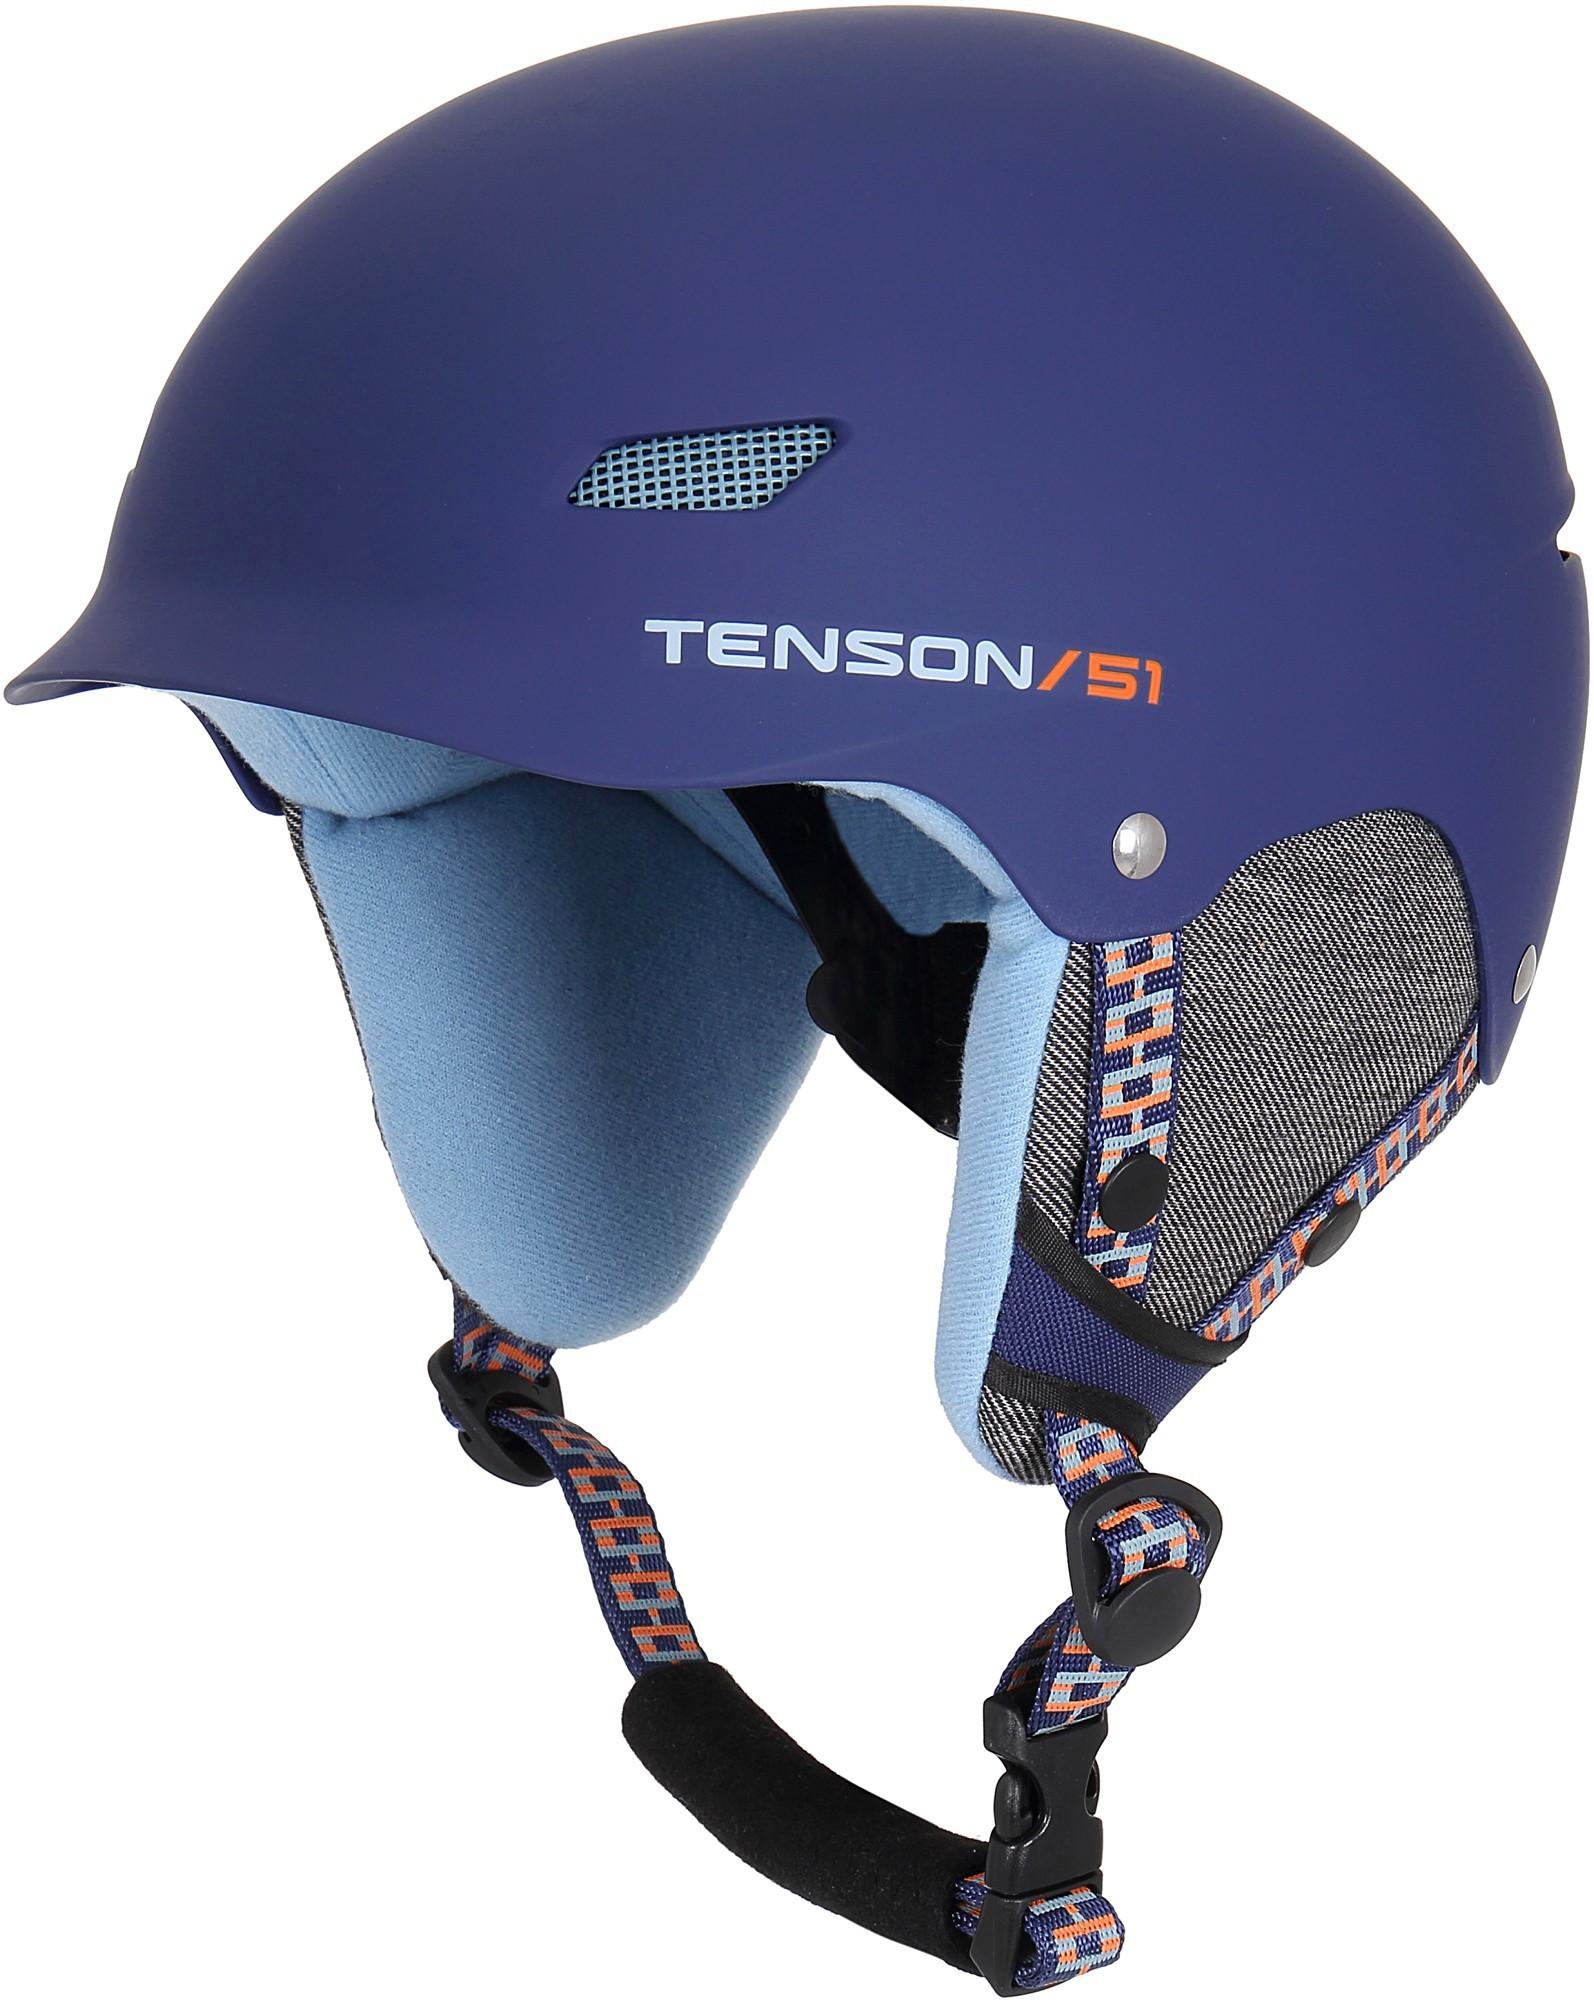 Kask narciarski dzieciêcy Tenson PARK, granatowy